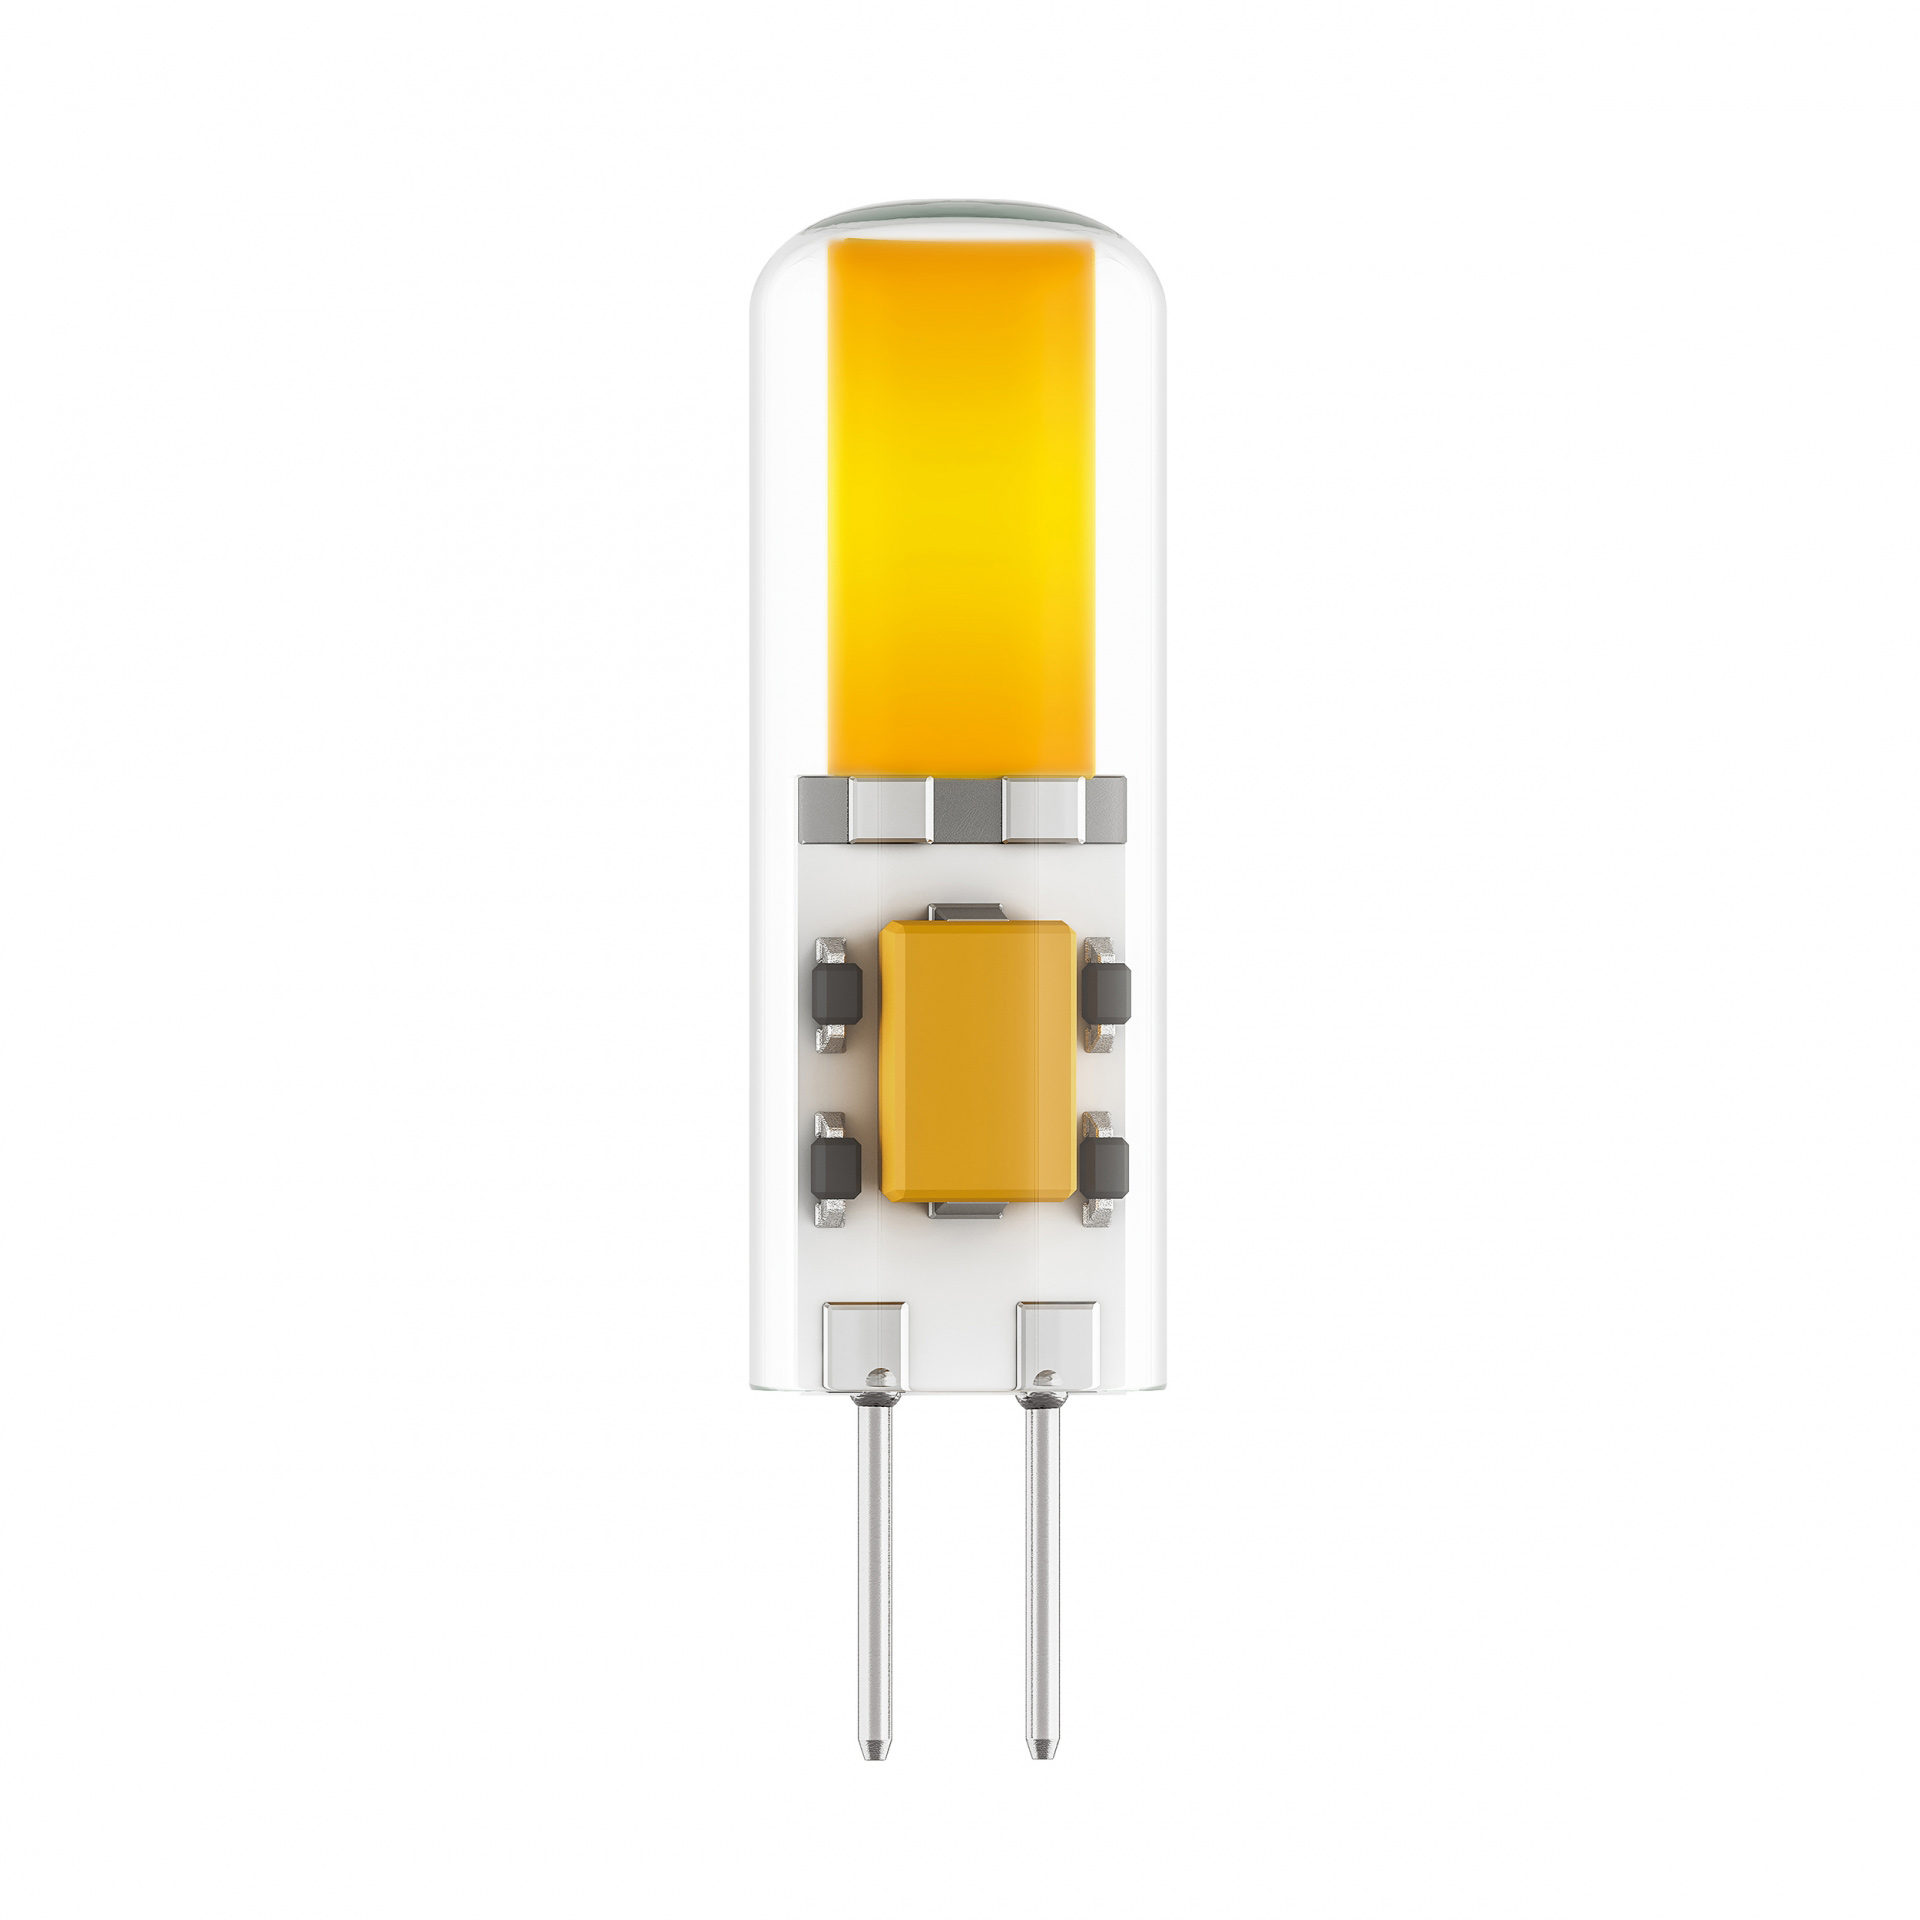 Лампа LED 220V JC G4 3W=30W 150±30LM 360G 3000K 20000H Lightstar 940442, купить в СПб, Москве, с доставкой, Санкт-Петербург, интернет-магазин люстр и светильников Starlight, фото в жизни